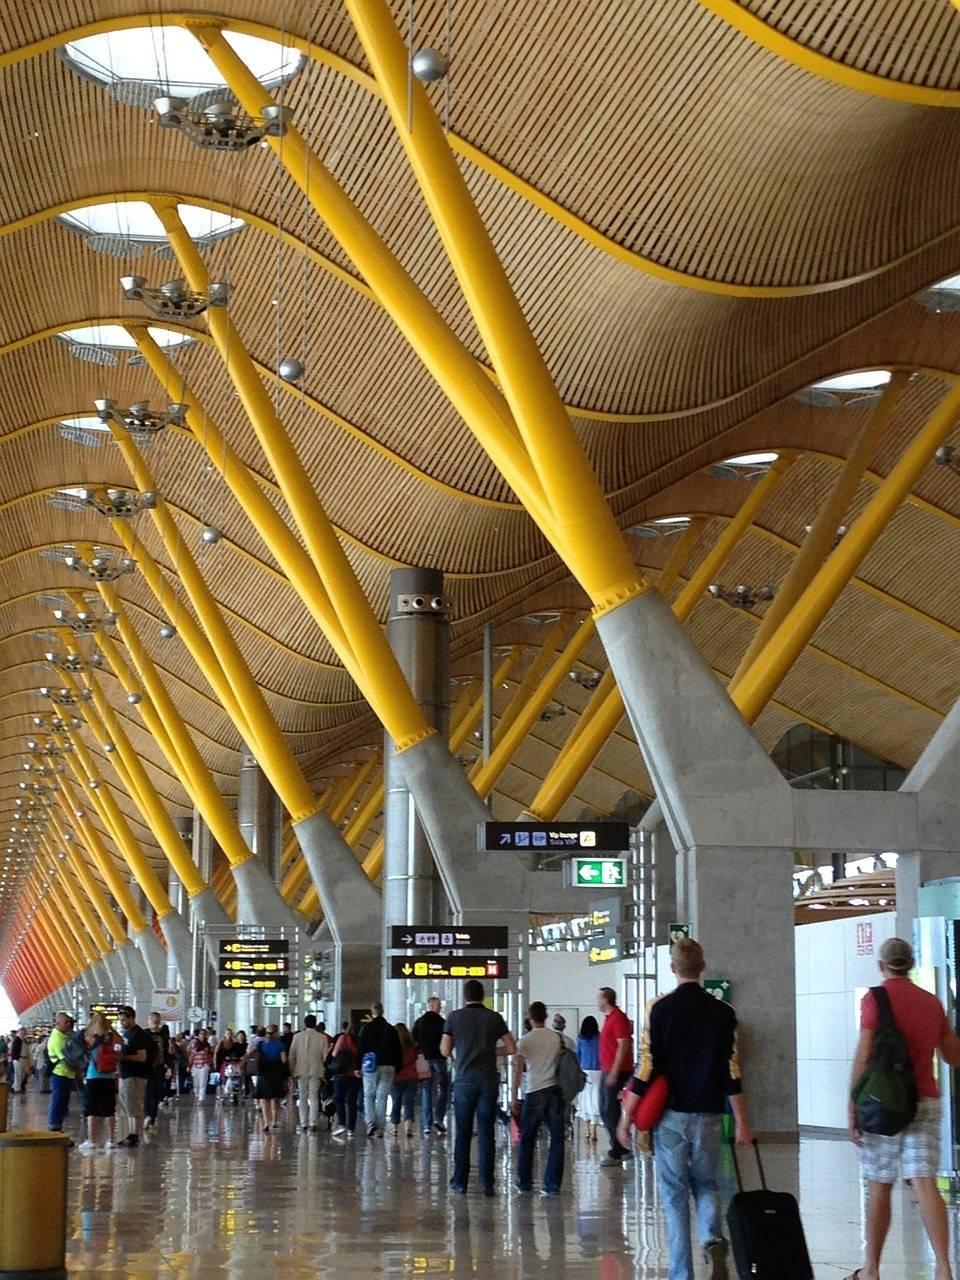 Как добраться из аэропорта мадрида (barajas) в город | как добраться .com